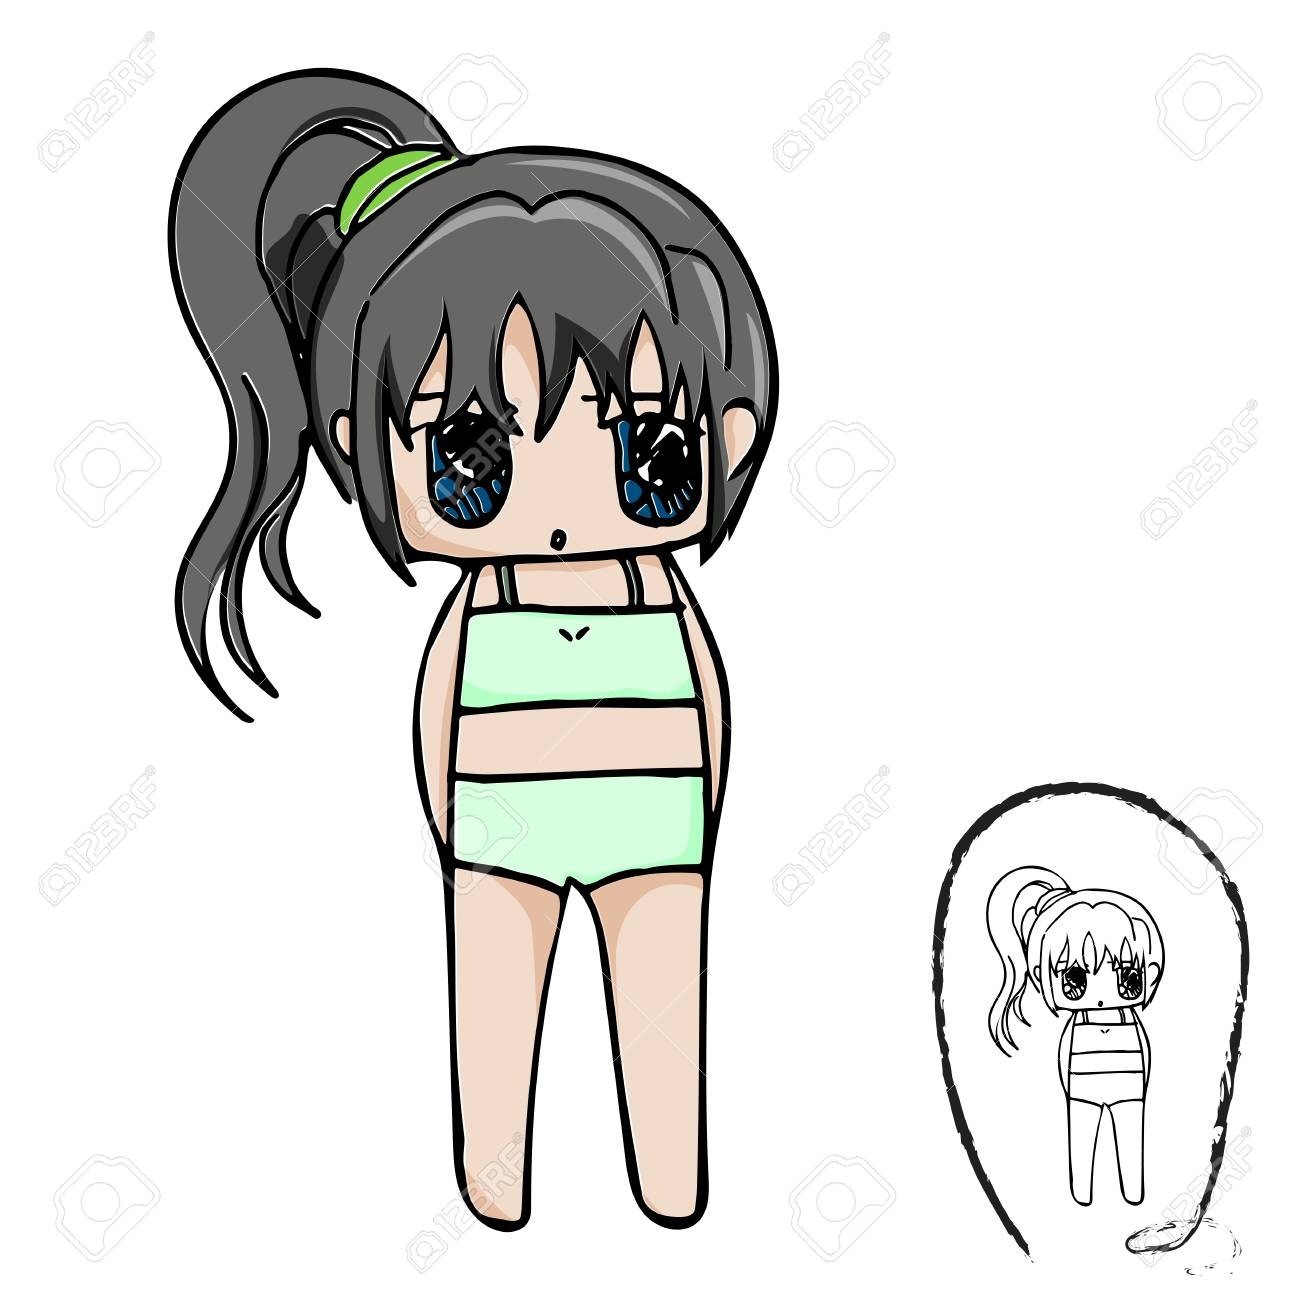 Personnage De Dessin Anime De Fille Mignonne Avec Dessin Au Trait